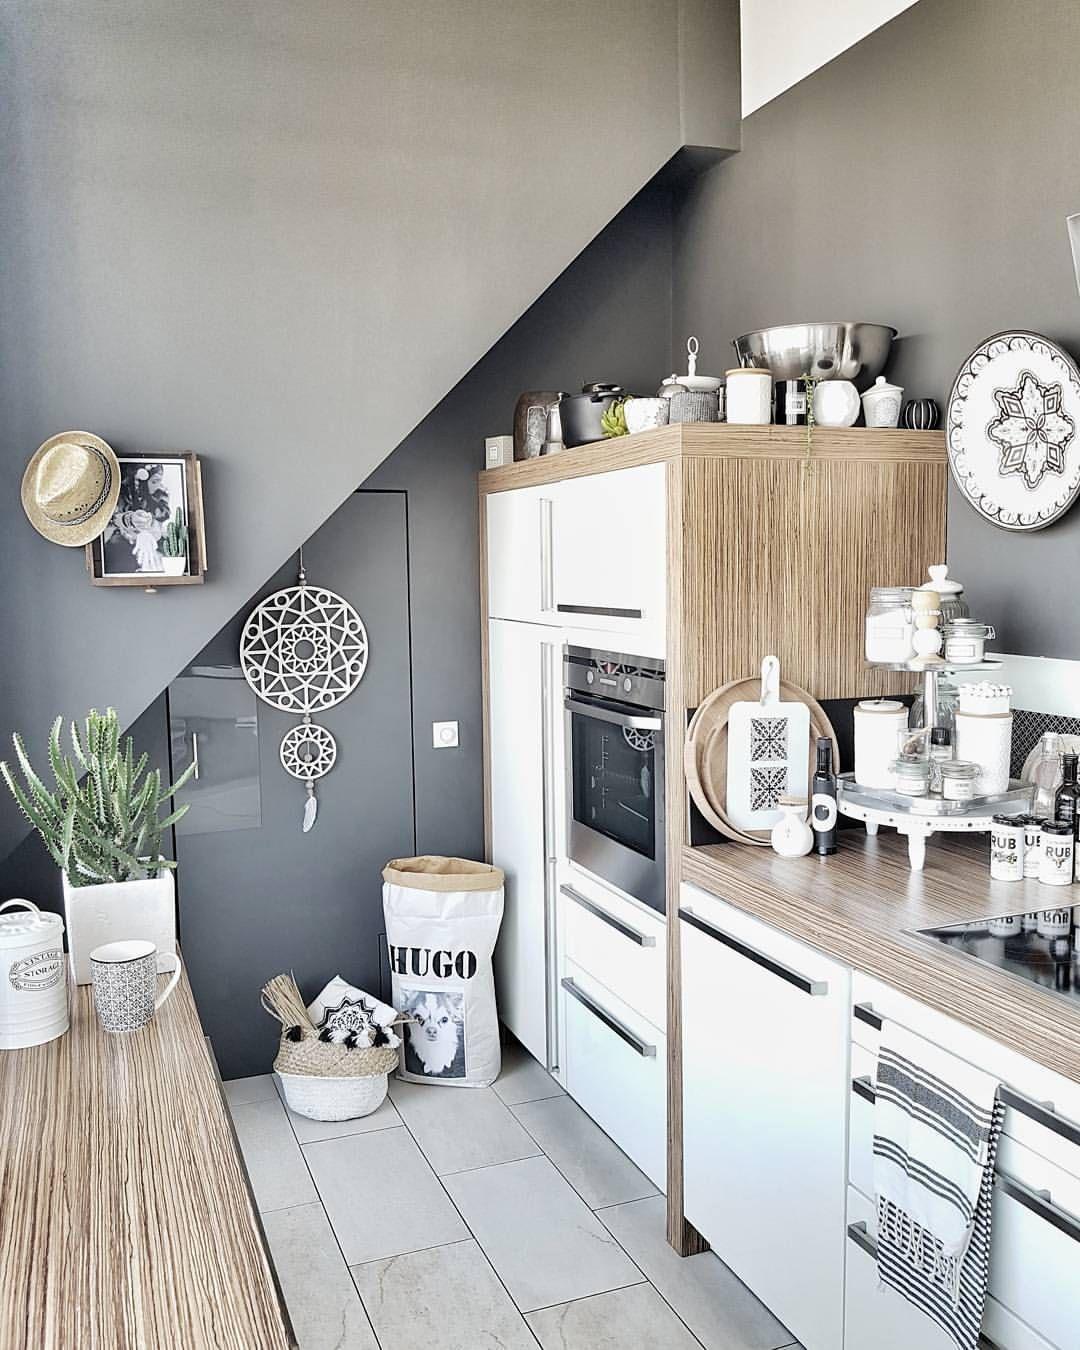 Epingle Par Sandrine Paucher Sur Cuisine Deco Maison Cuisines